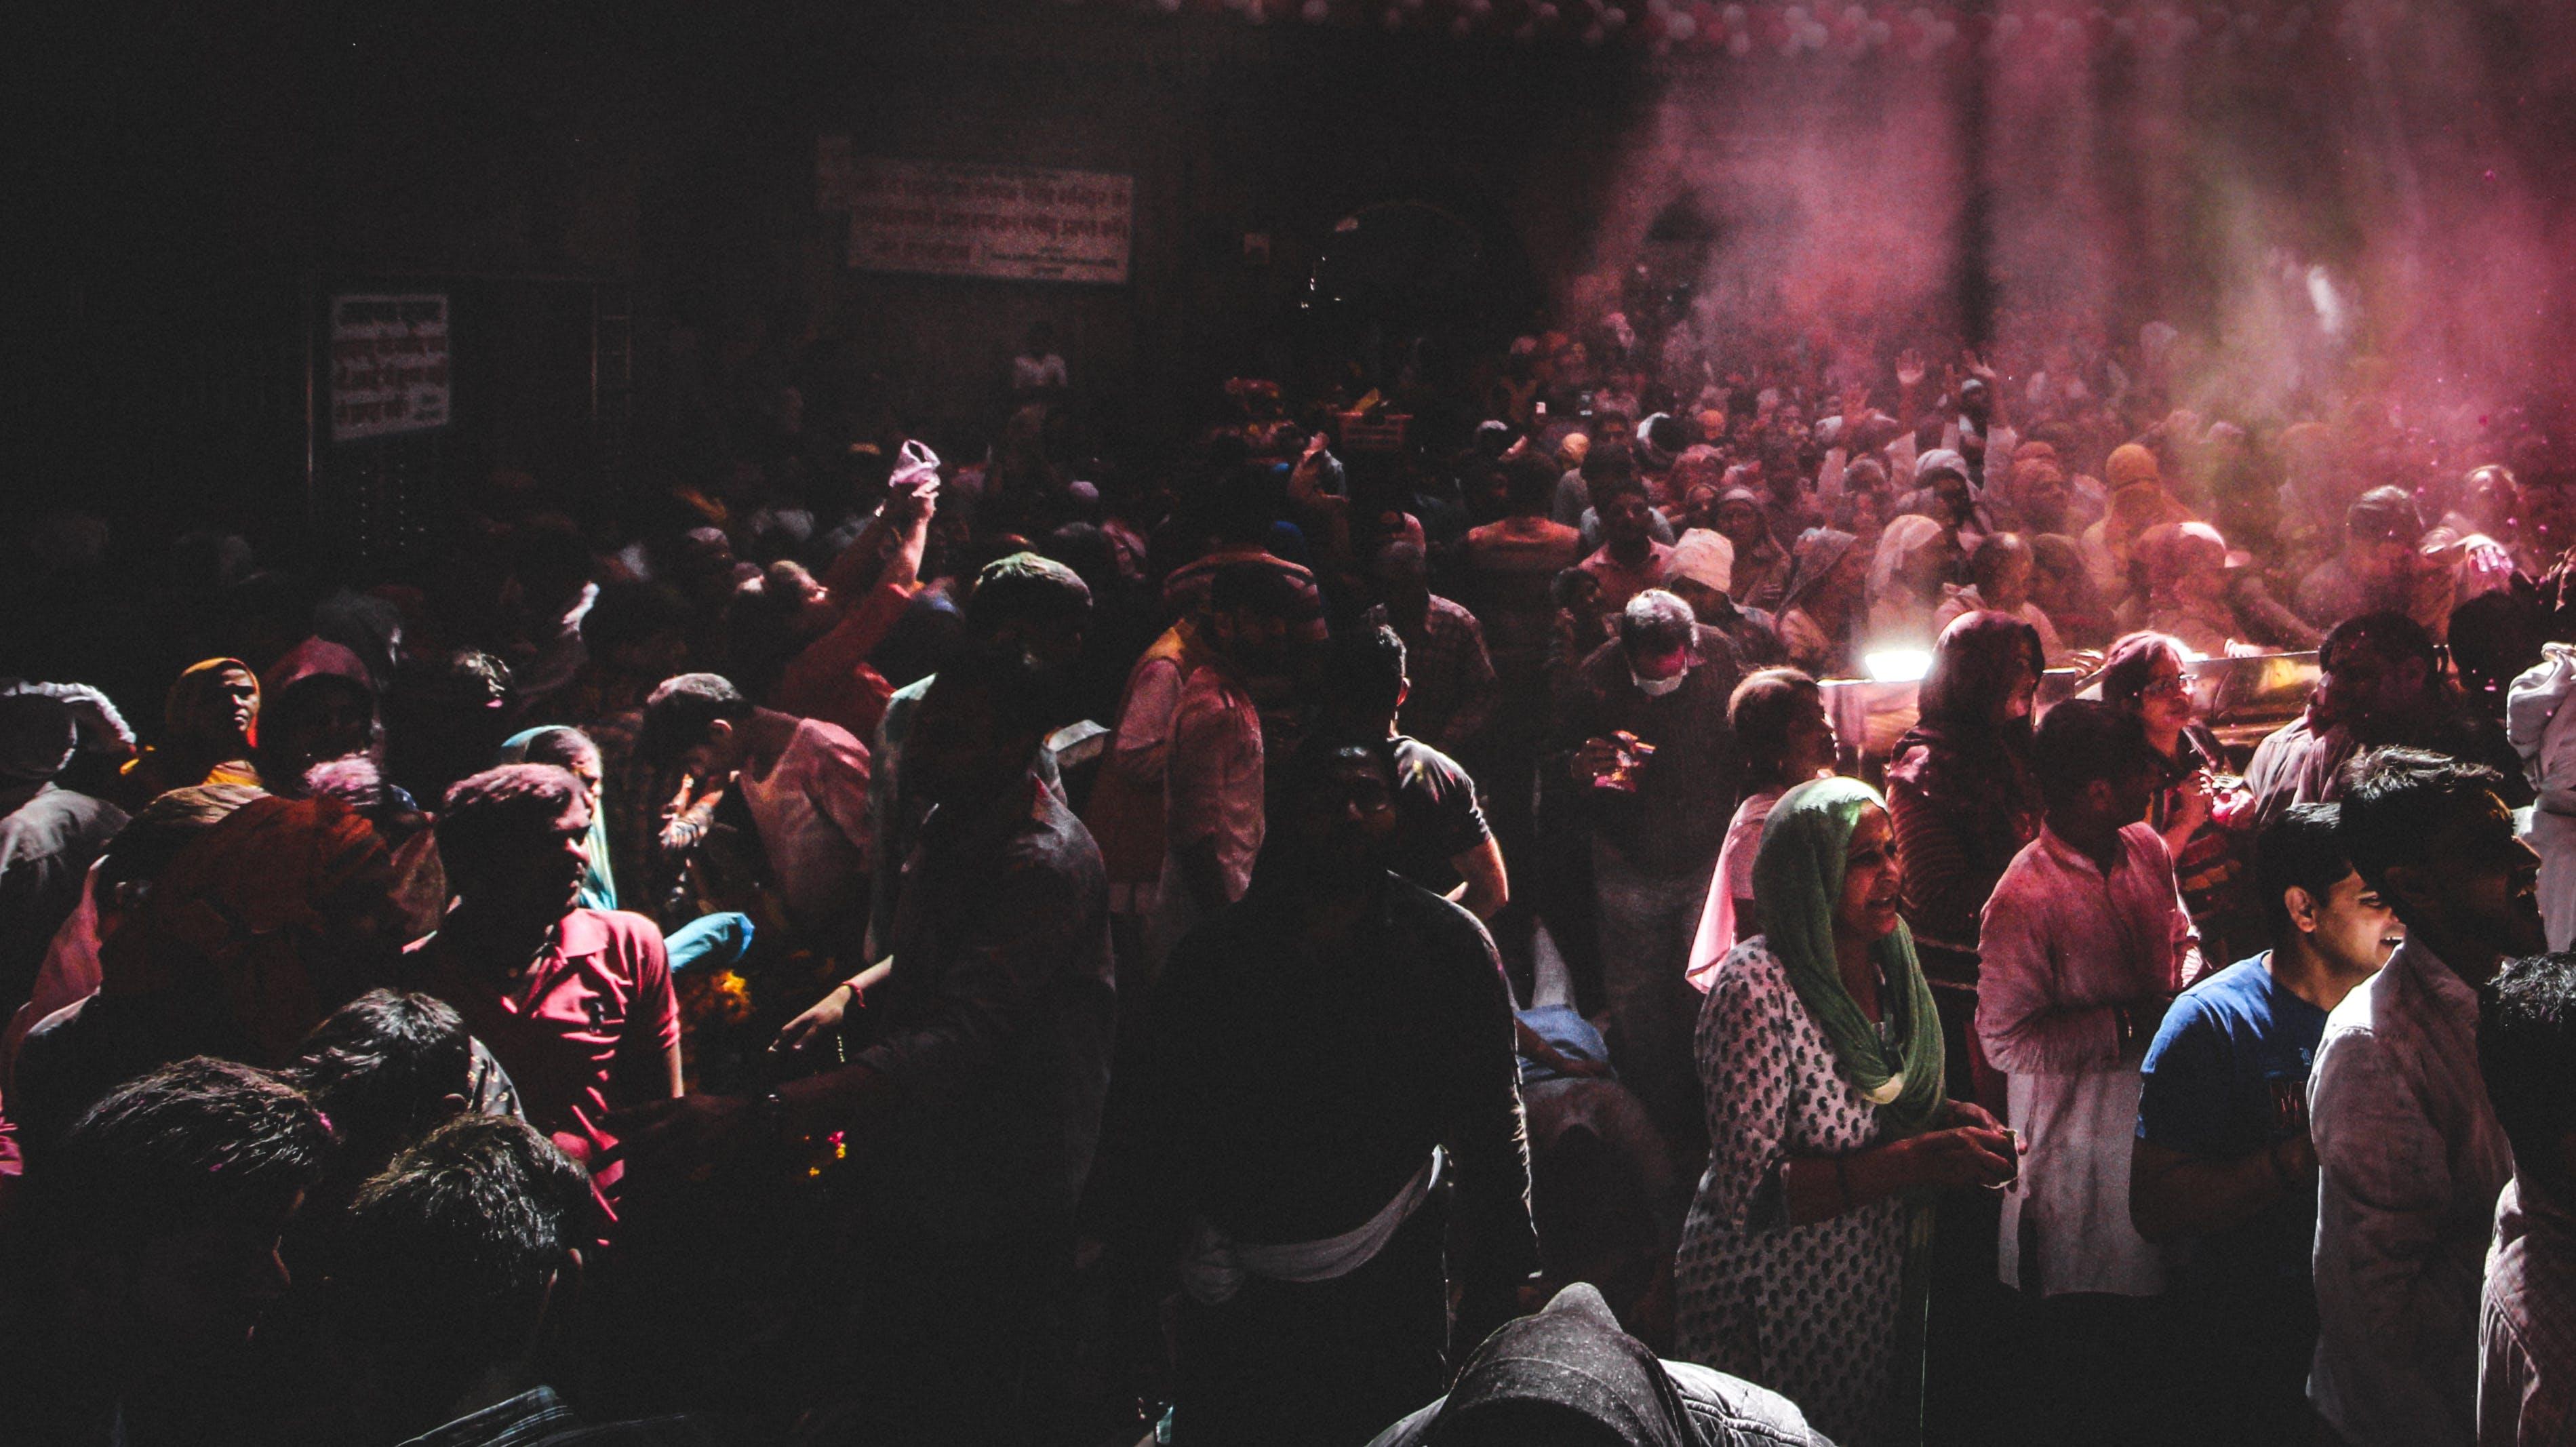 Gratis lagerfoto af folk, holi, Indien, menneskemængde